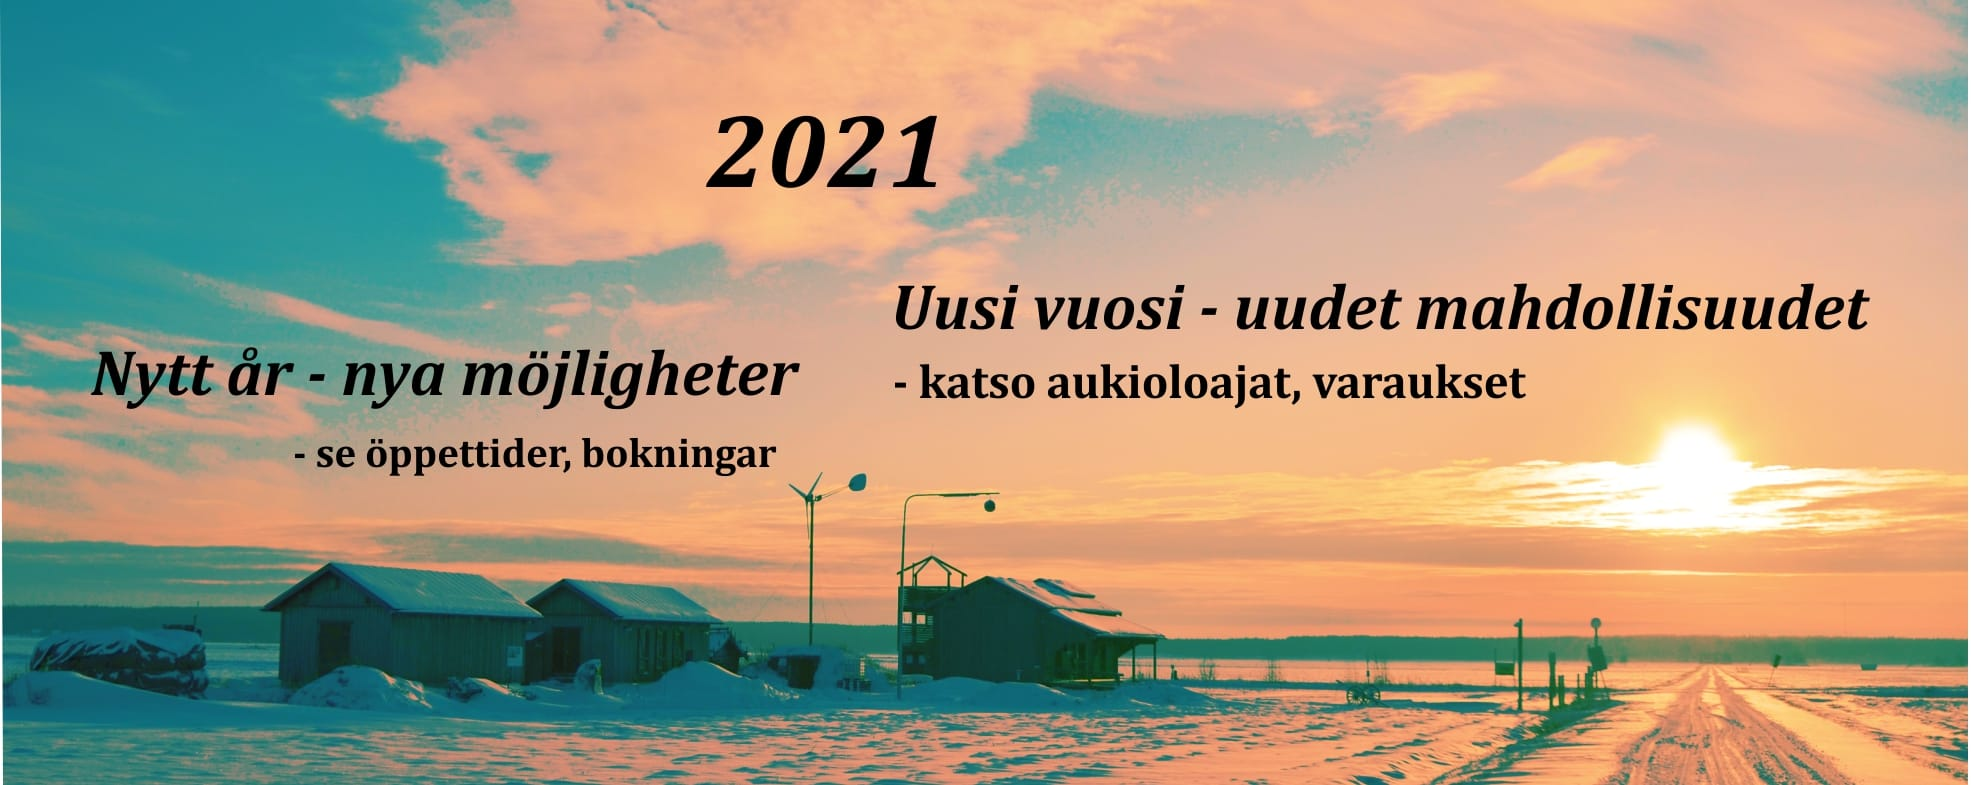 Nytt år Uusi vuosi.jpg